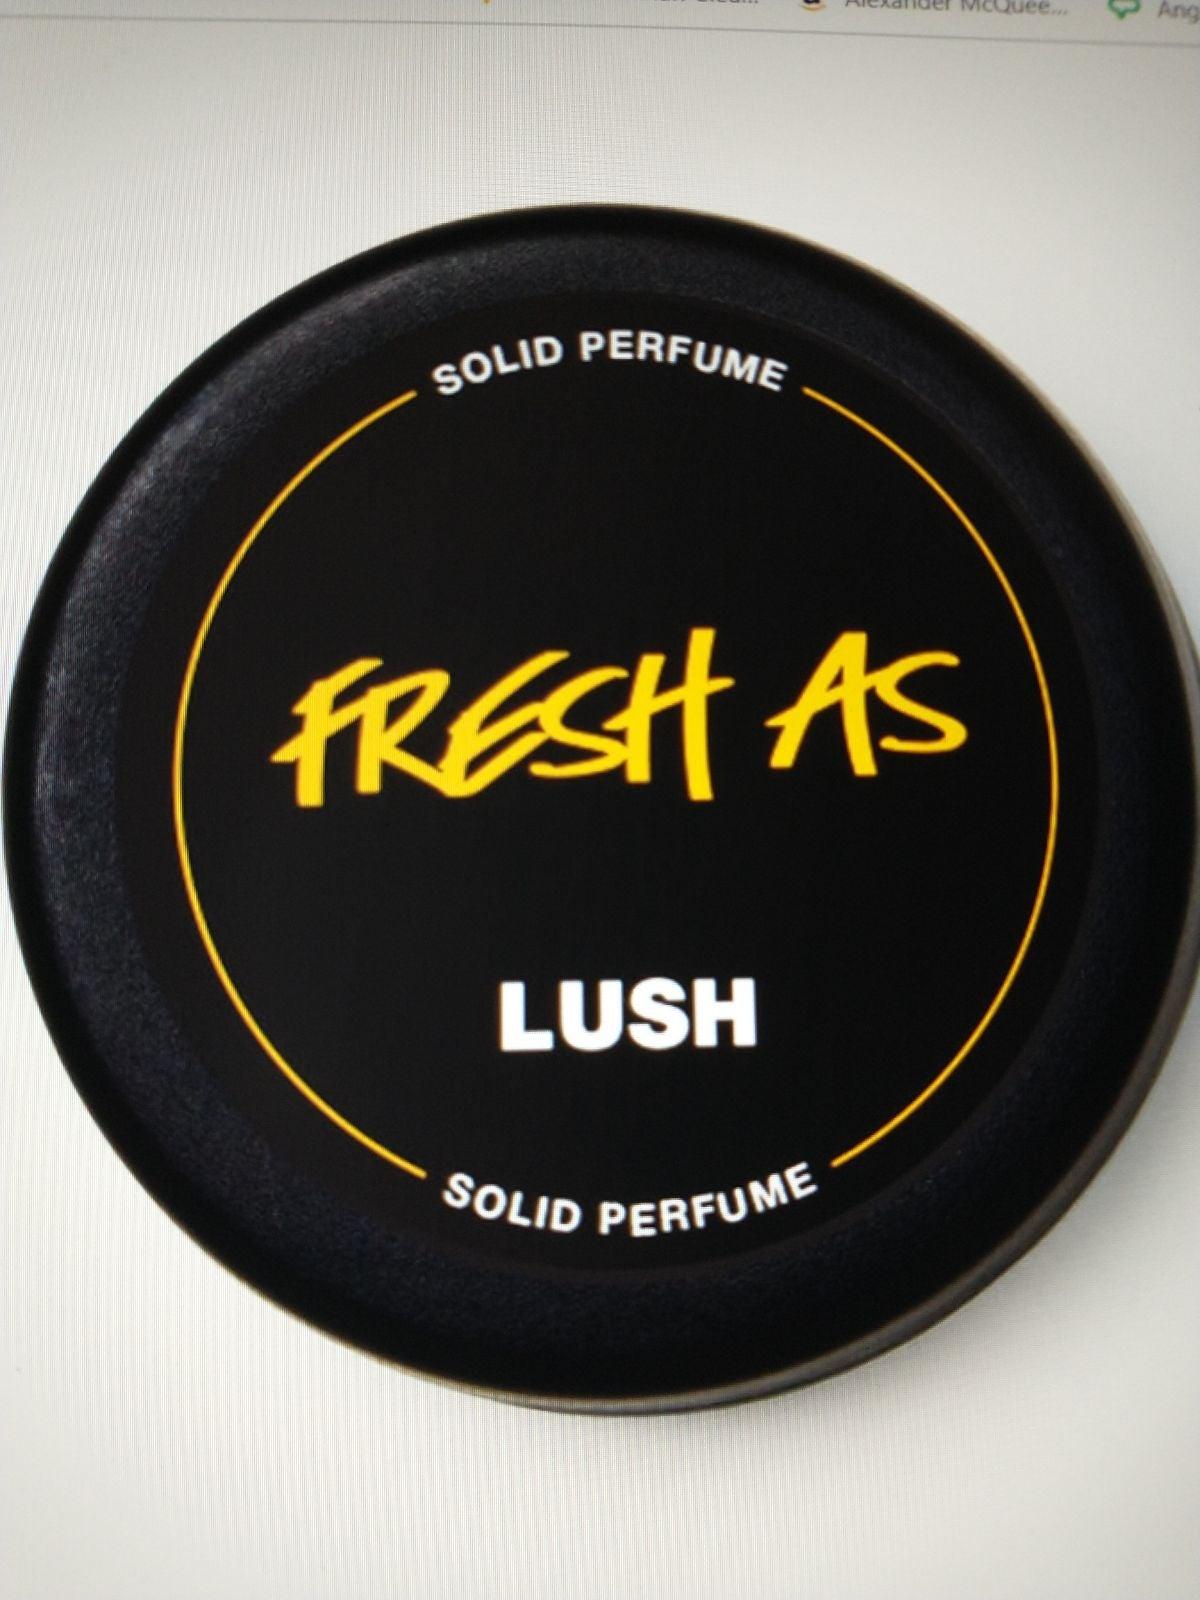 Lush fresh as